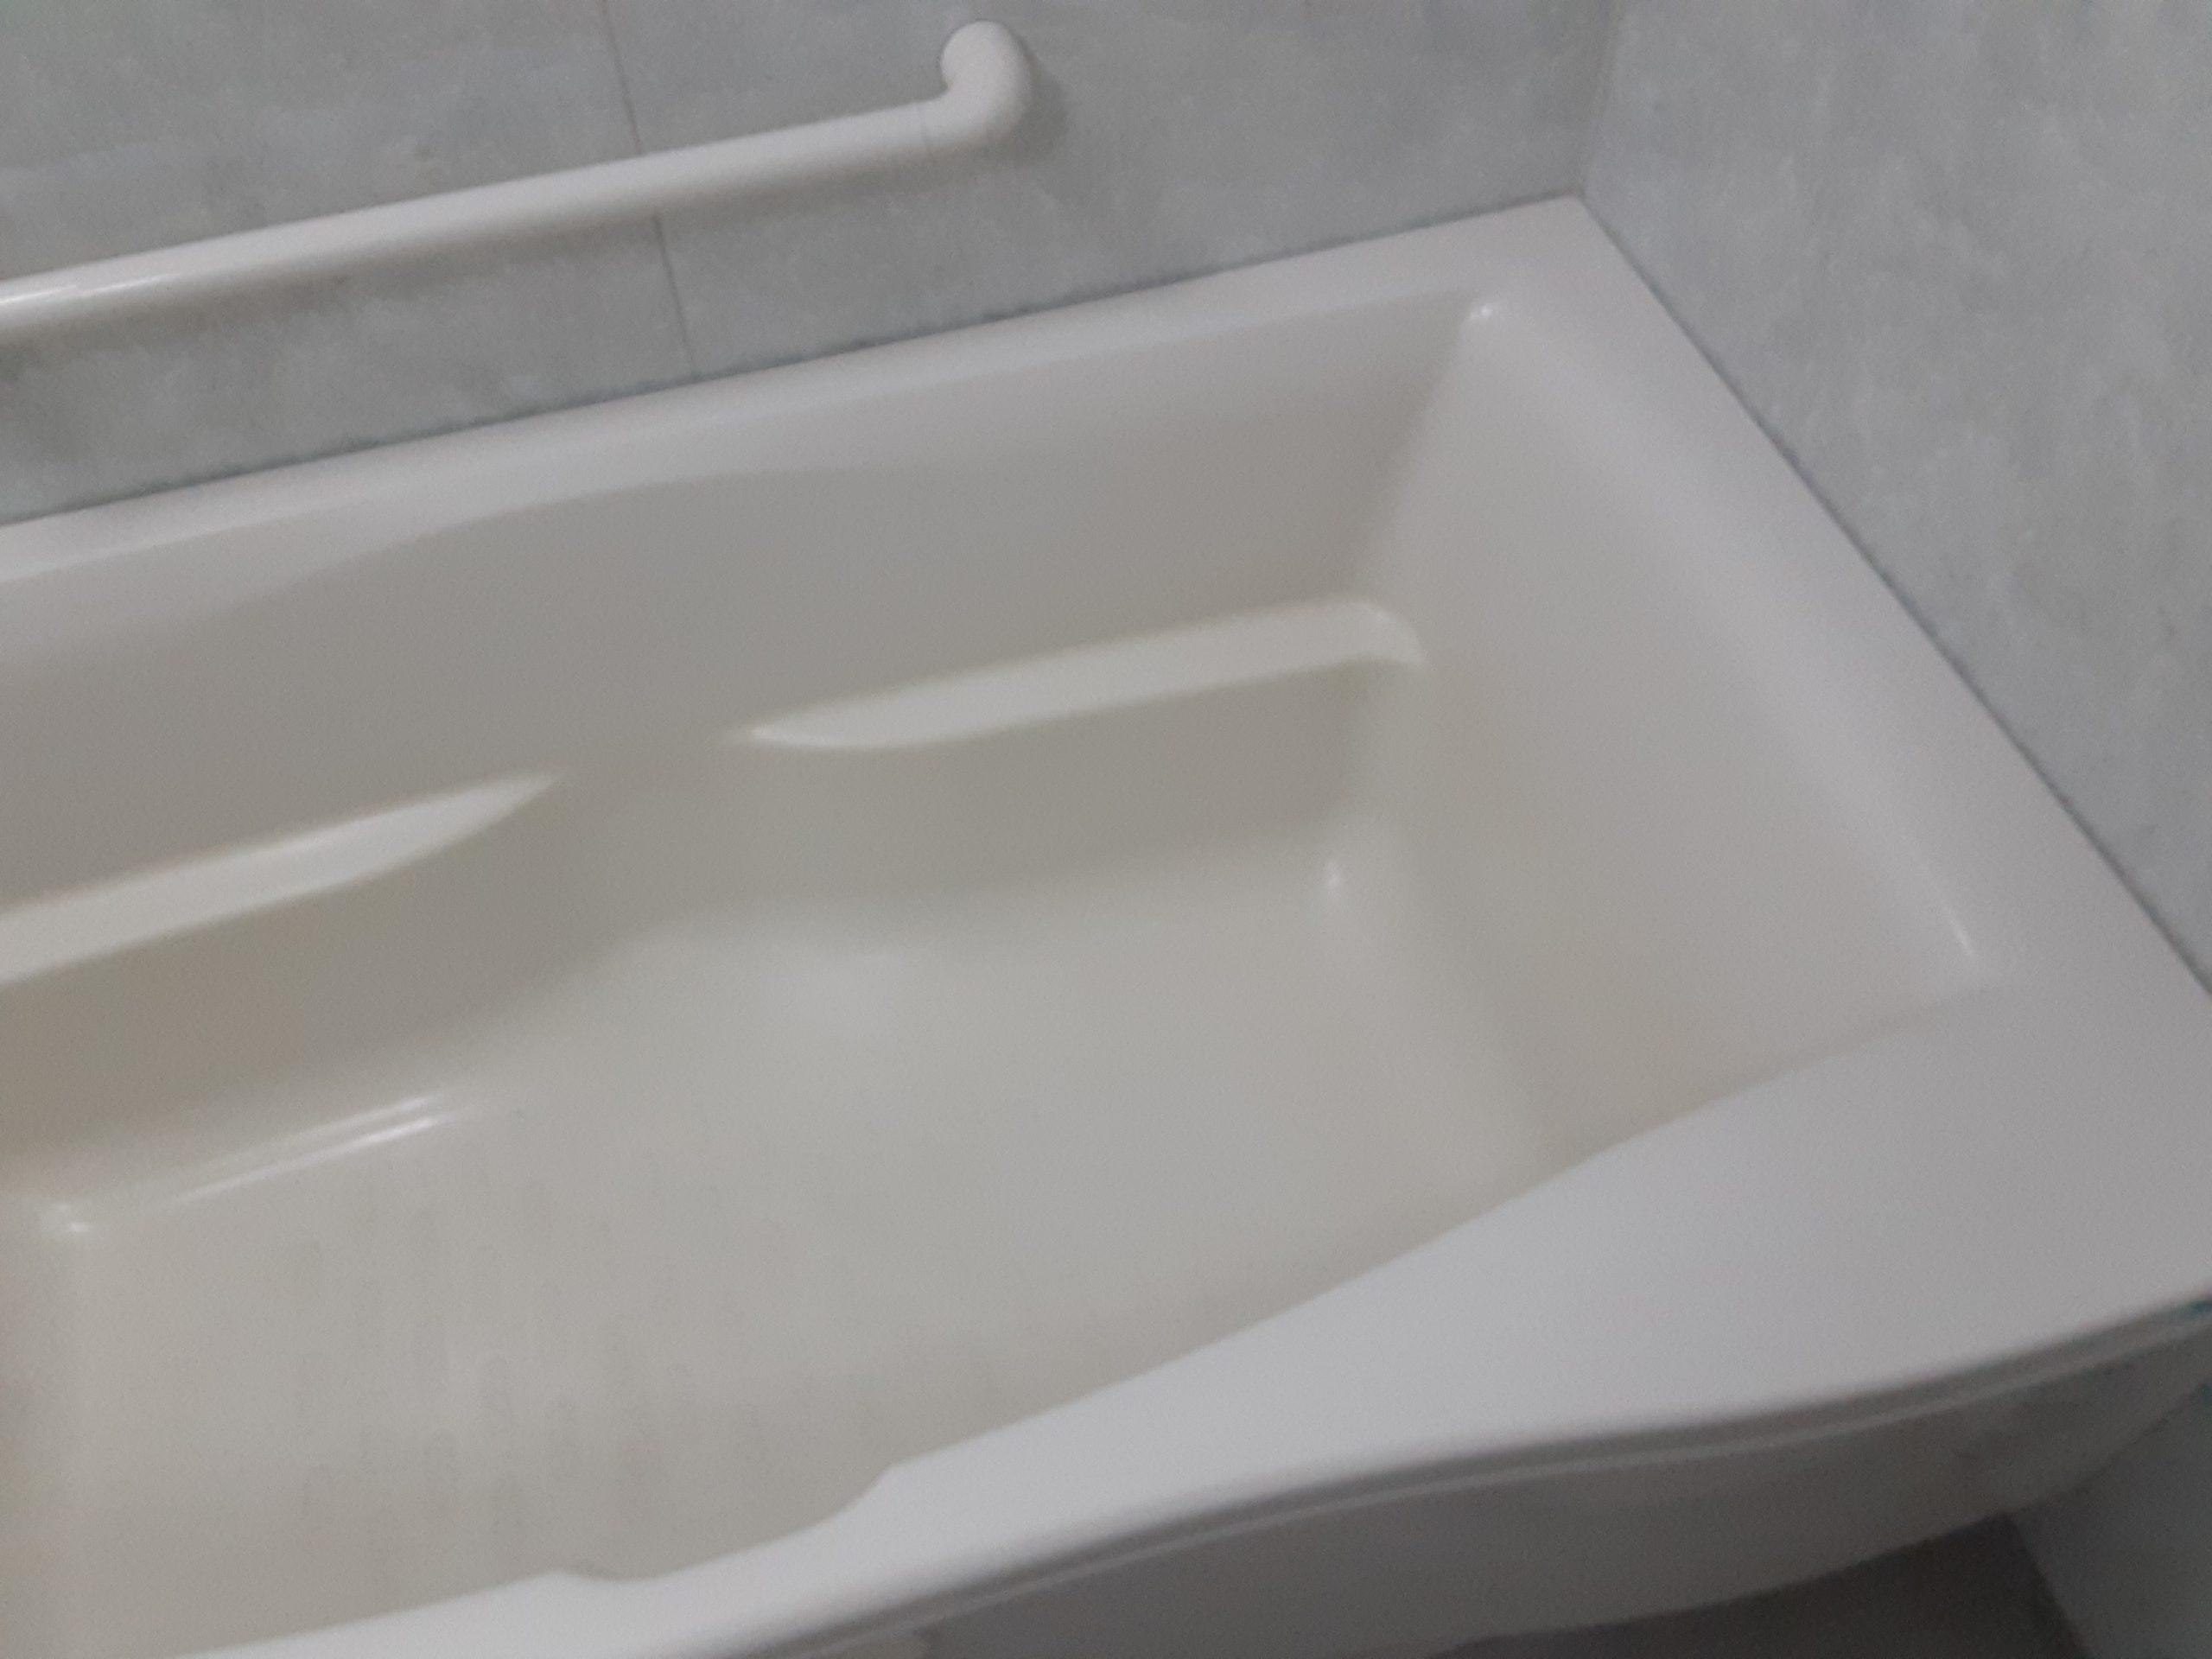 お風呂(浴室)クリーニング施工写真